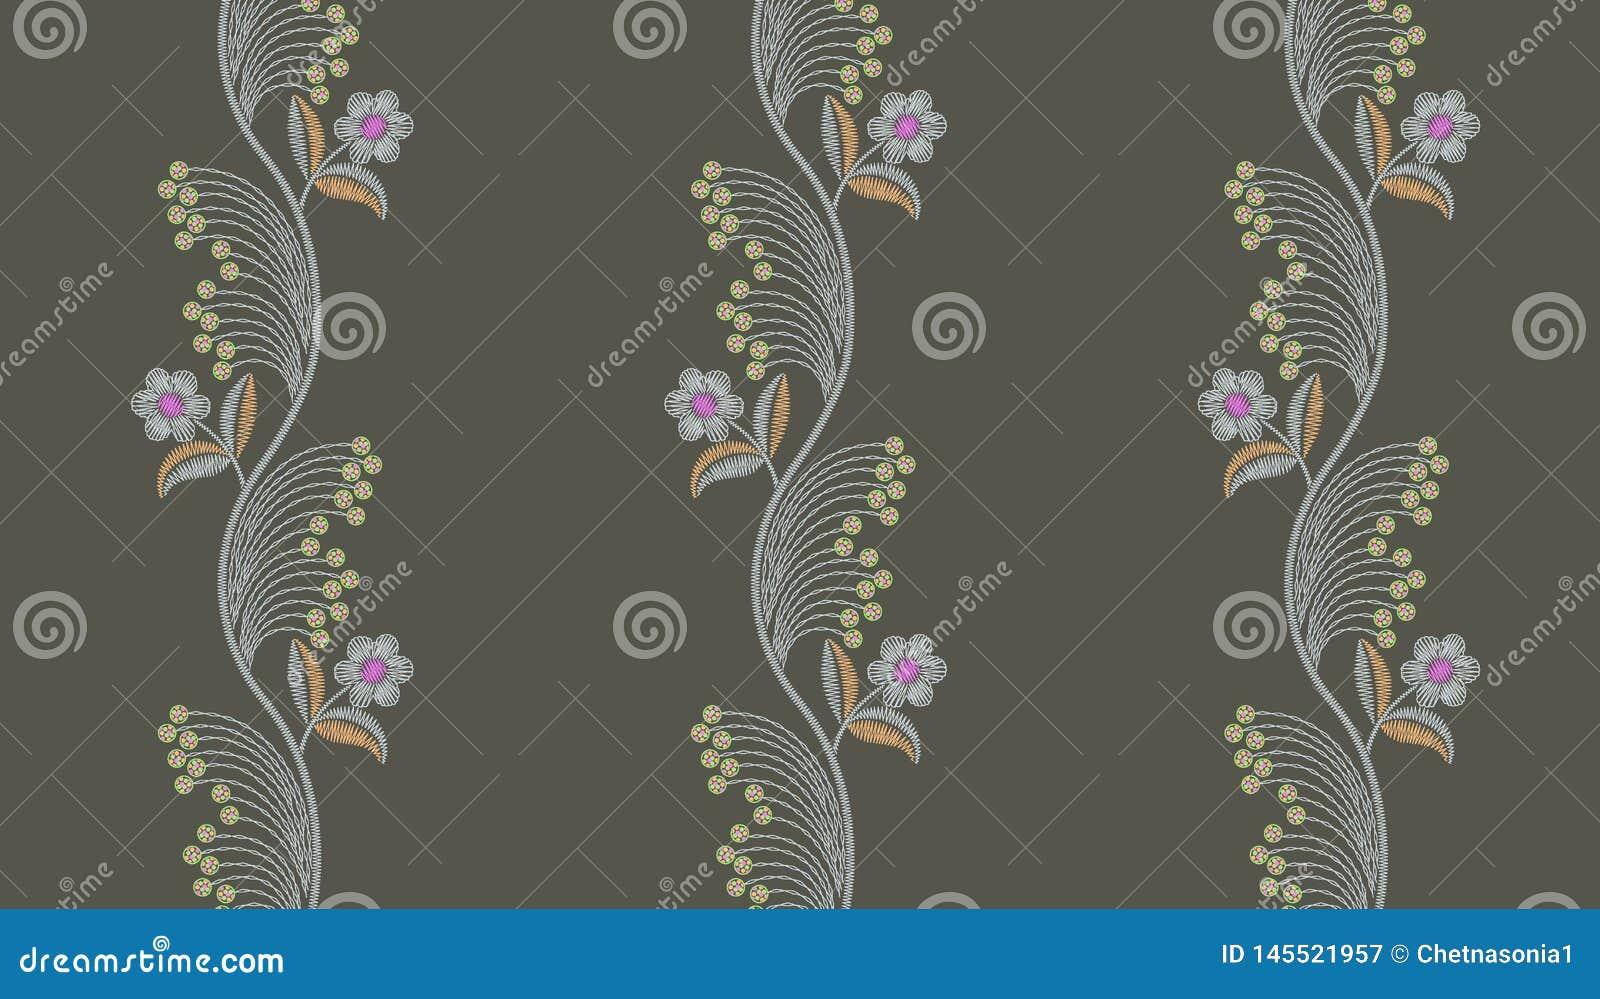 Blumenmuster der nahtlosen Stickerei